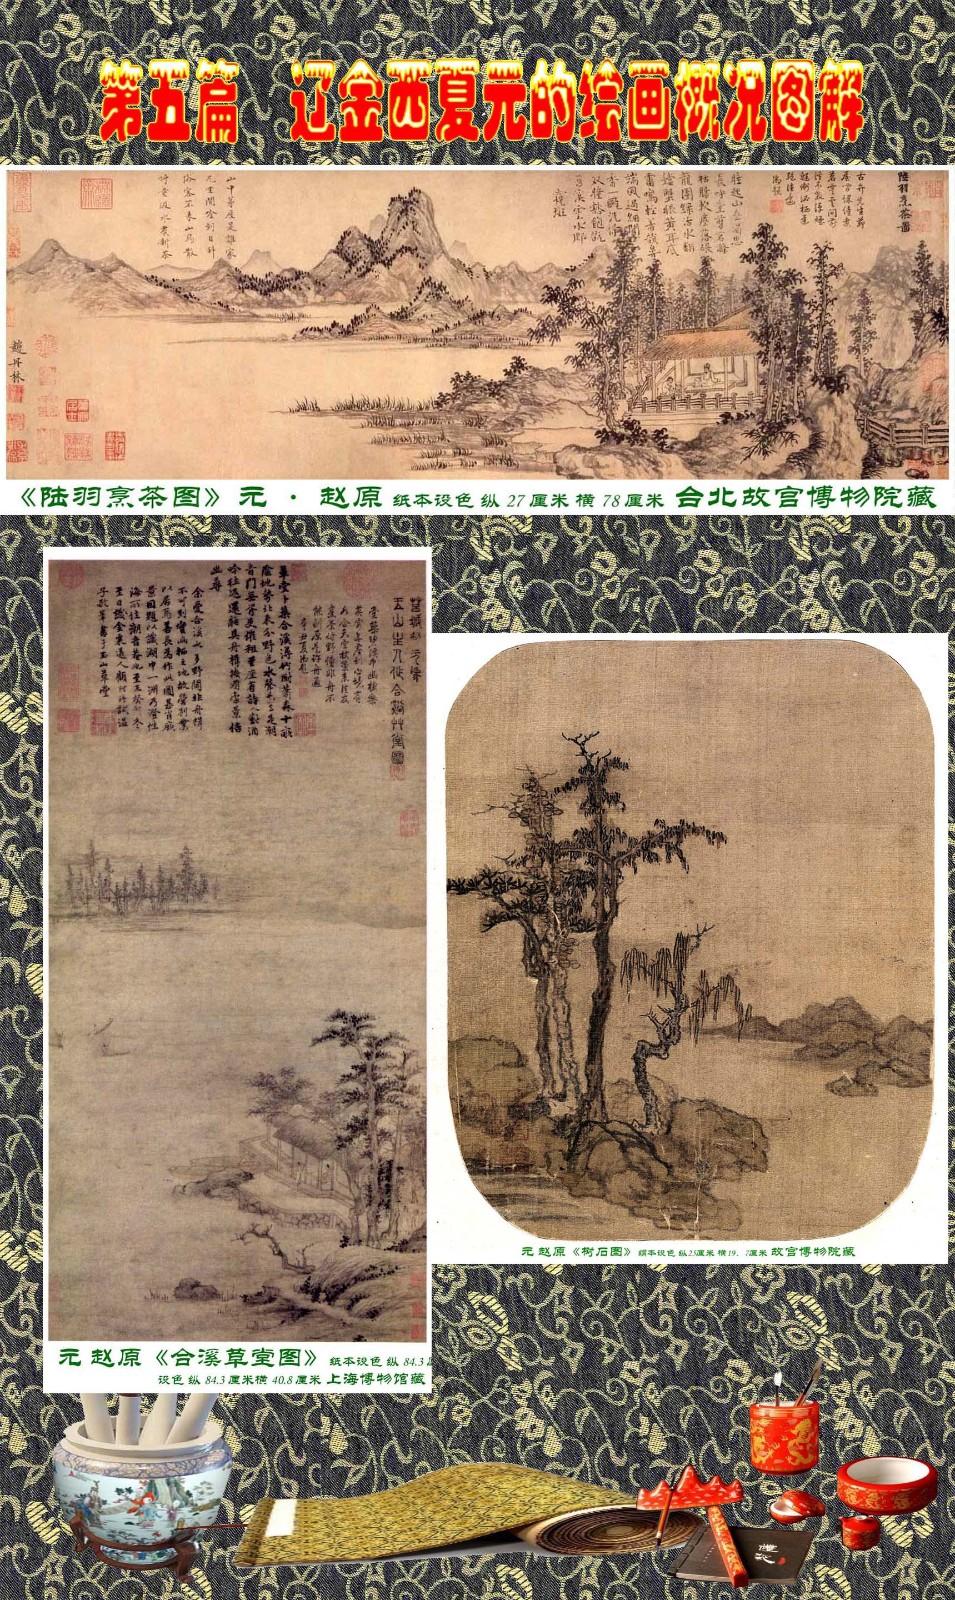 顾绍骅编辑 中国画知识普及版 第五篇 辽金西夏元的绘画概况 下 ... ..._图1-98